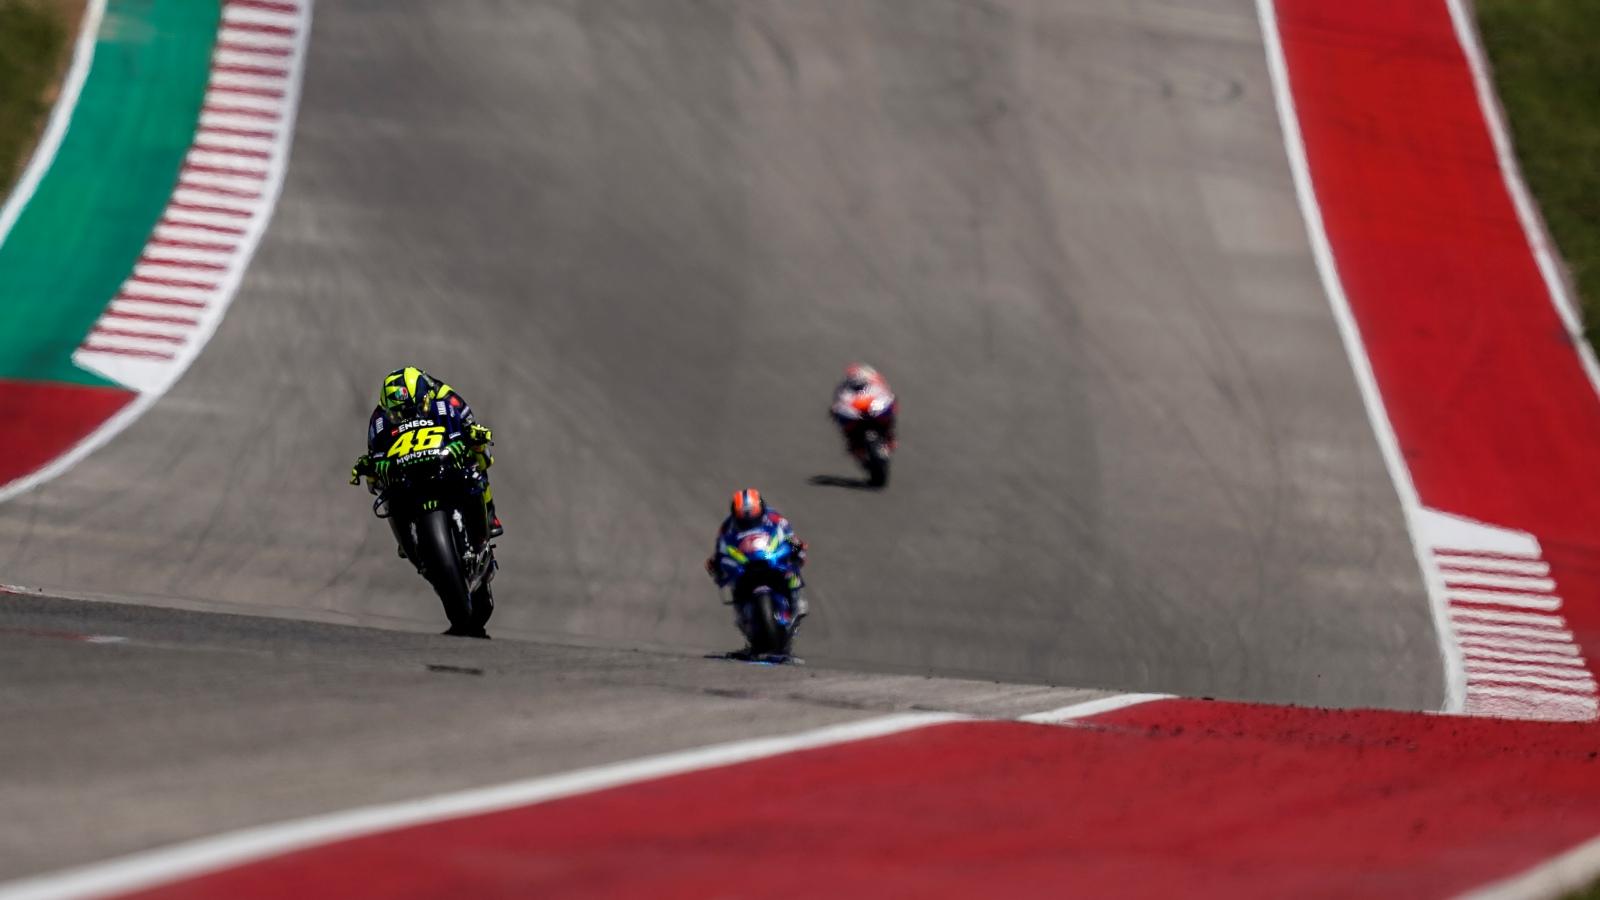 Píldoras MotoGP Austin 2019: Cuenta pendiente, como en casa y fallo de novato